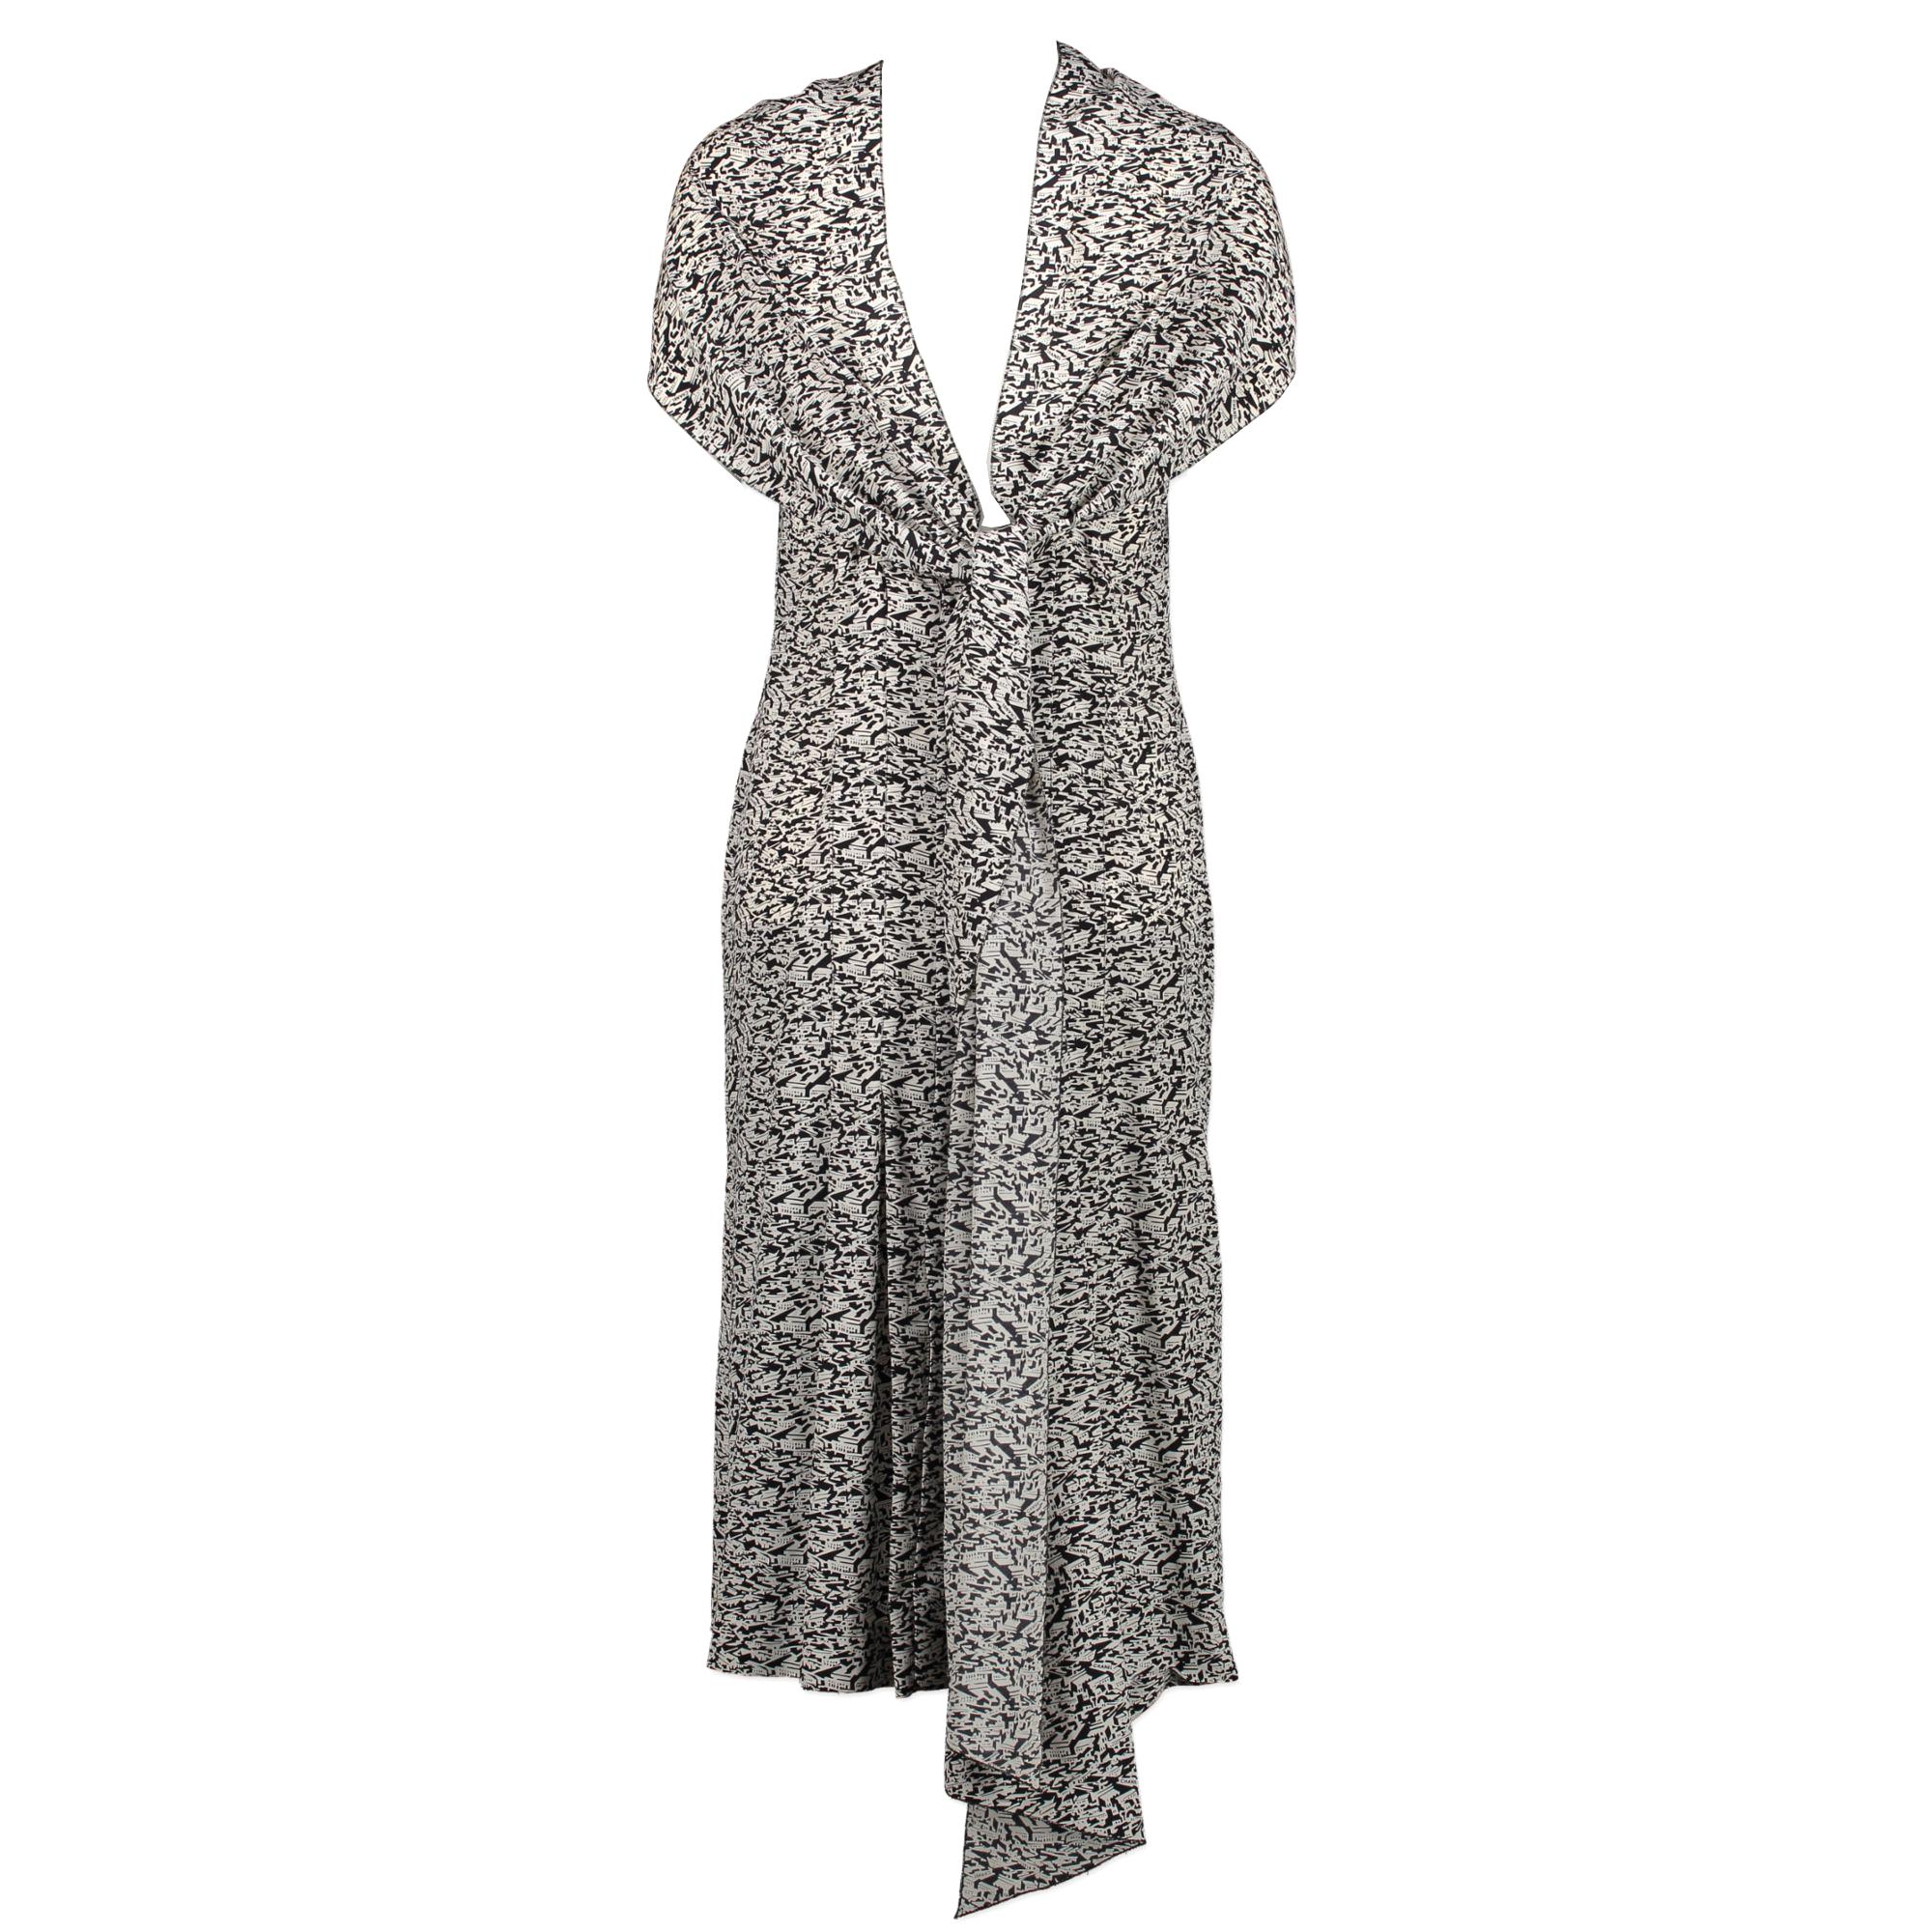 Chanel Silk Black & White Geometric Print Dress - Size 36 te koop aan de beste prijs bij Labellov tweedehands luxe in Antwerpen